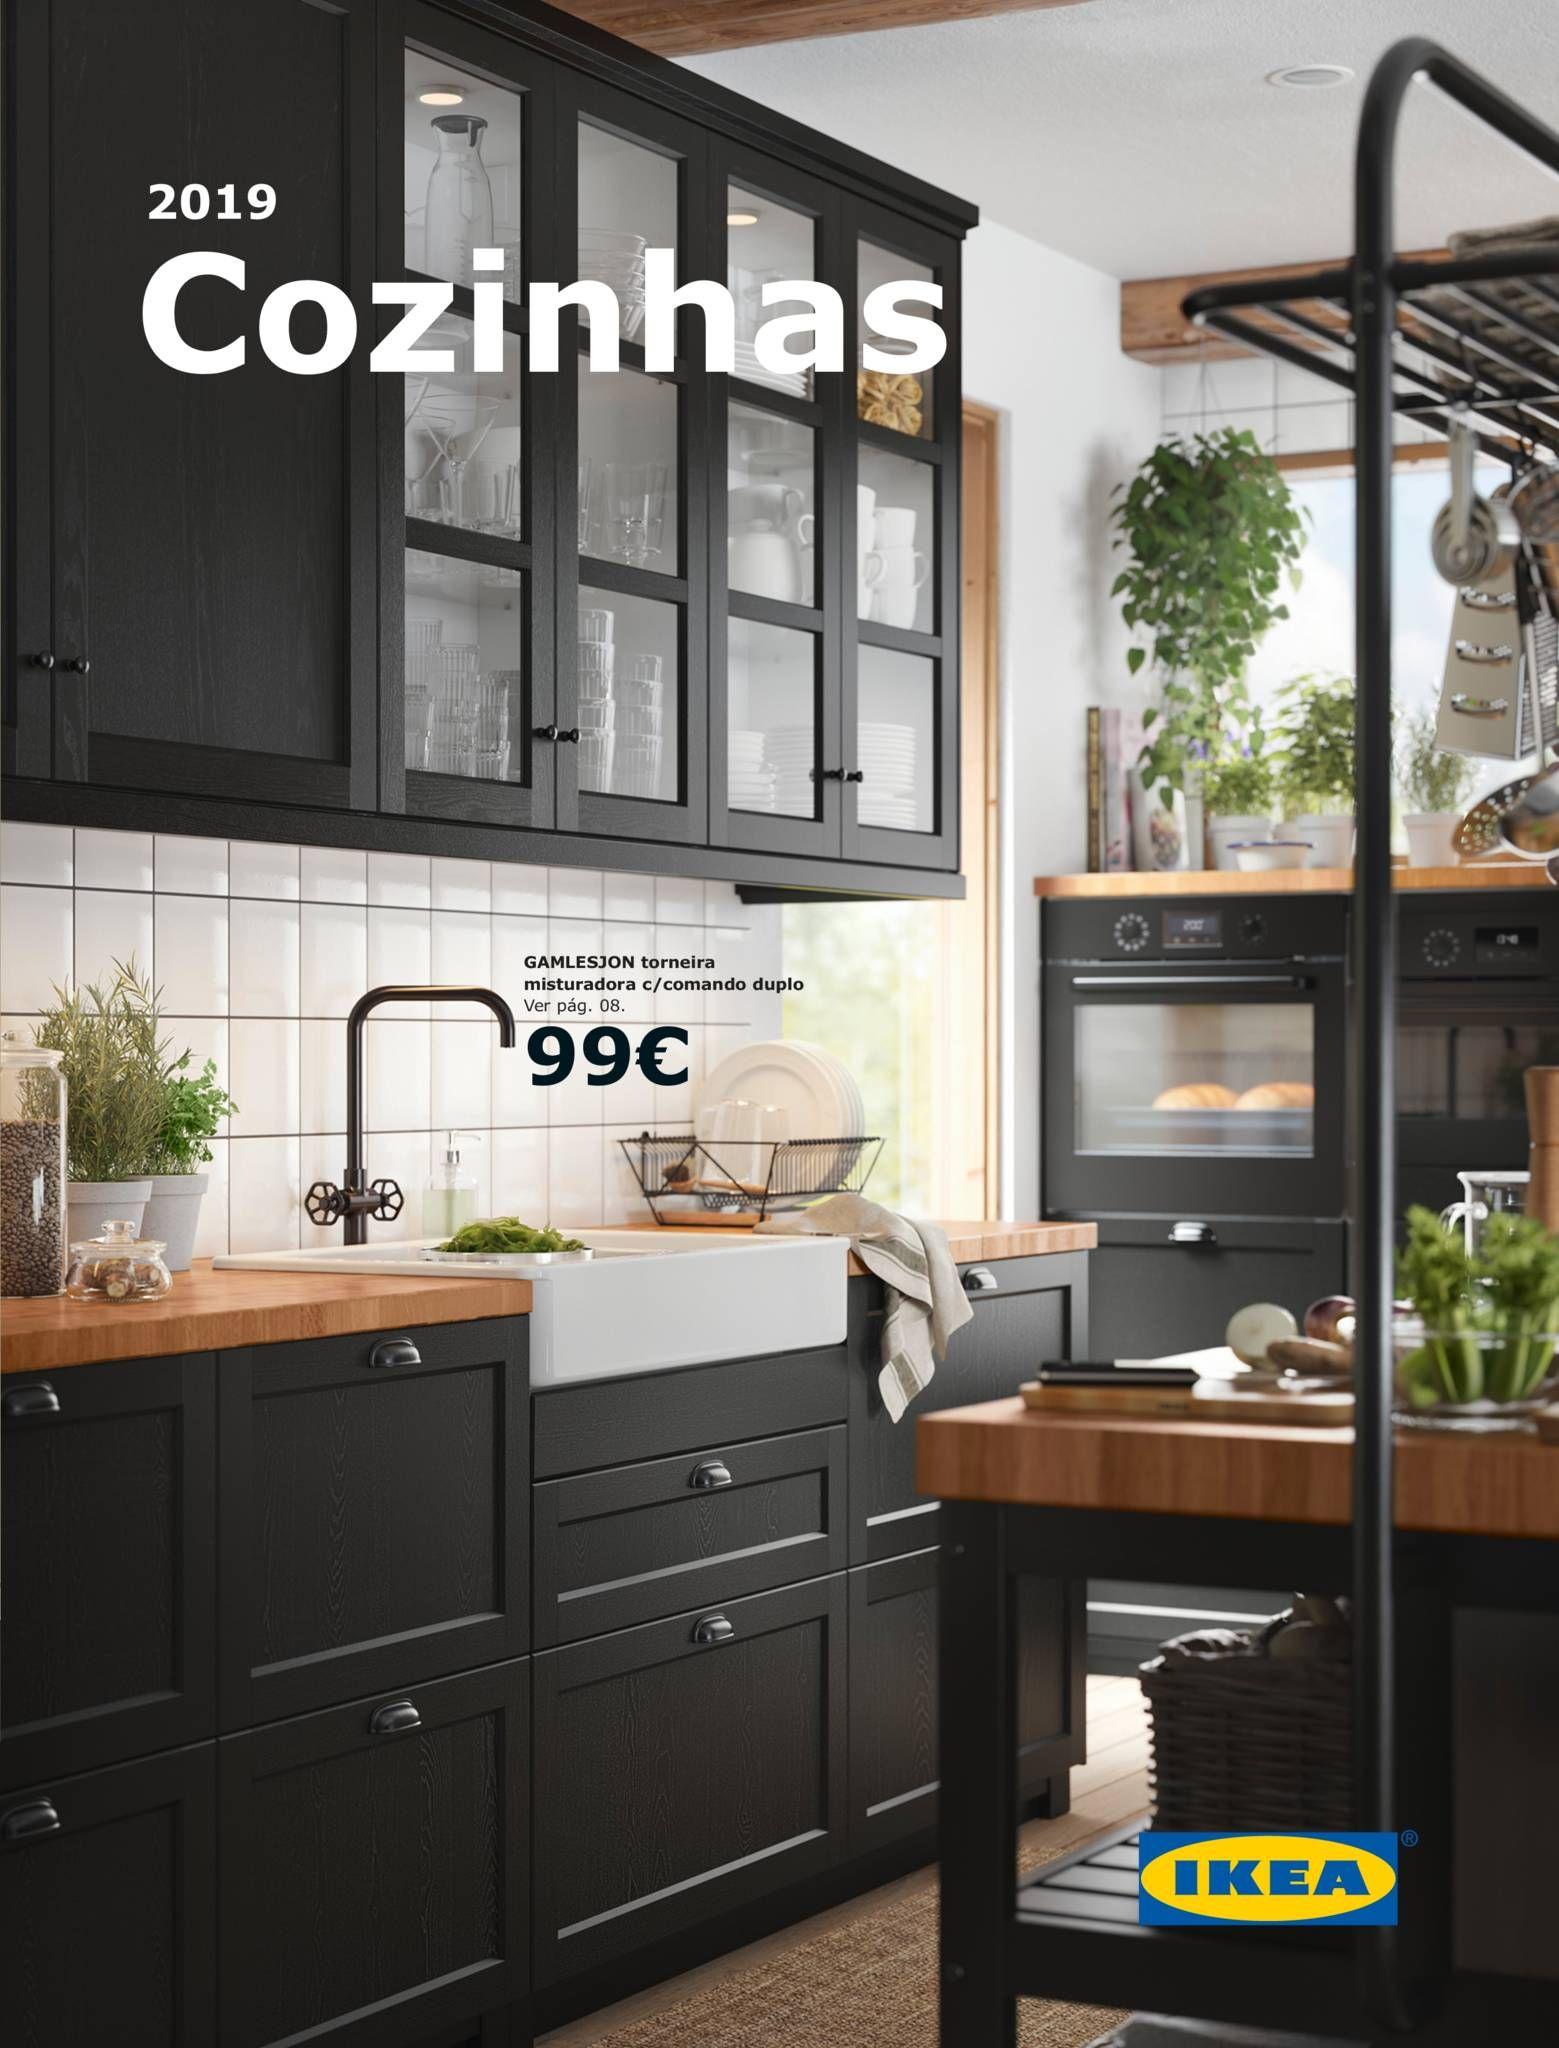 Cozinhas 2019 Brochura Cozinhas Ikea 2019 Decoracao Cozinha